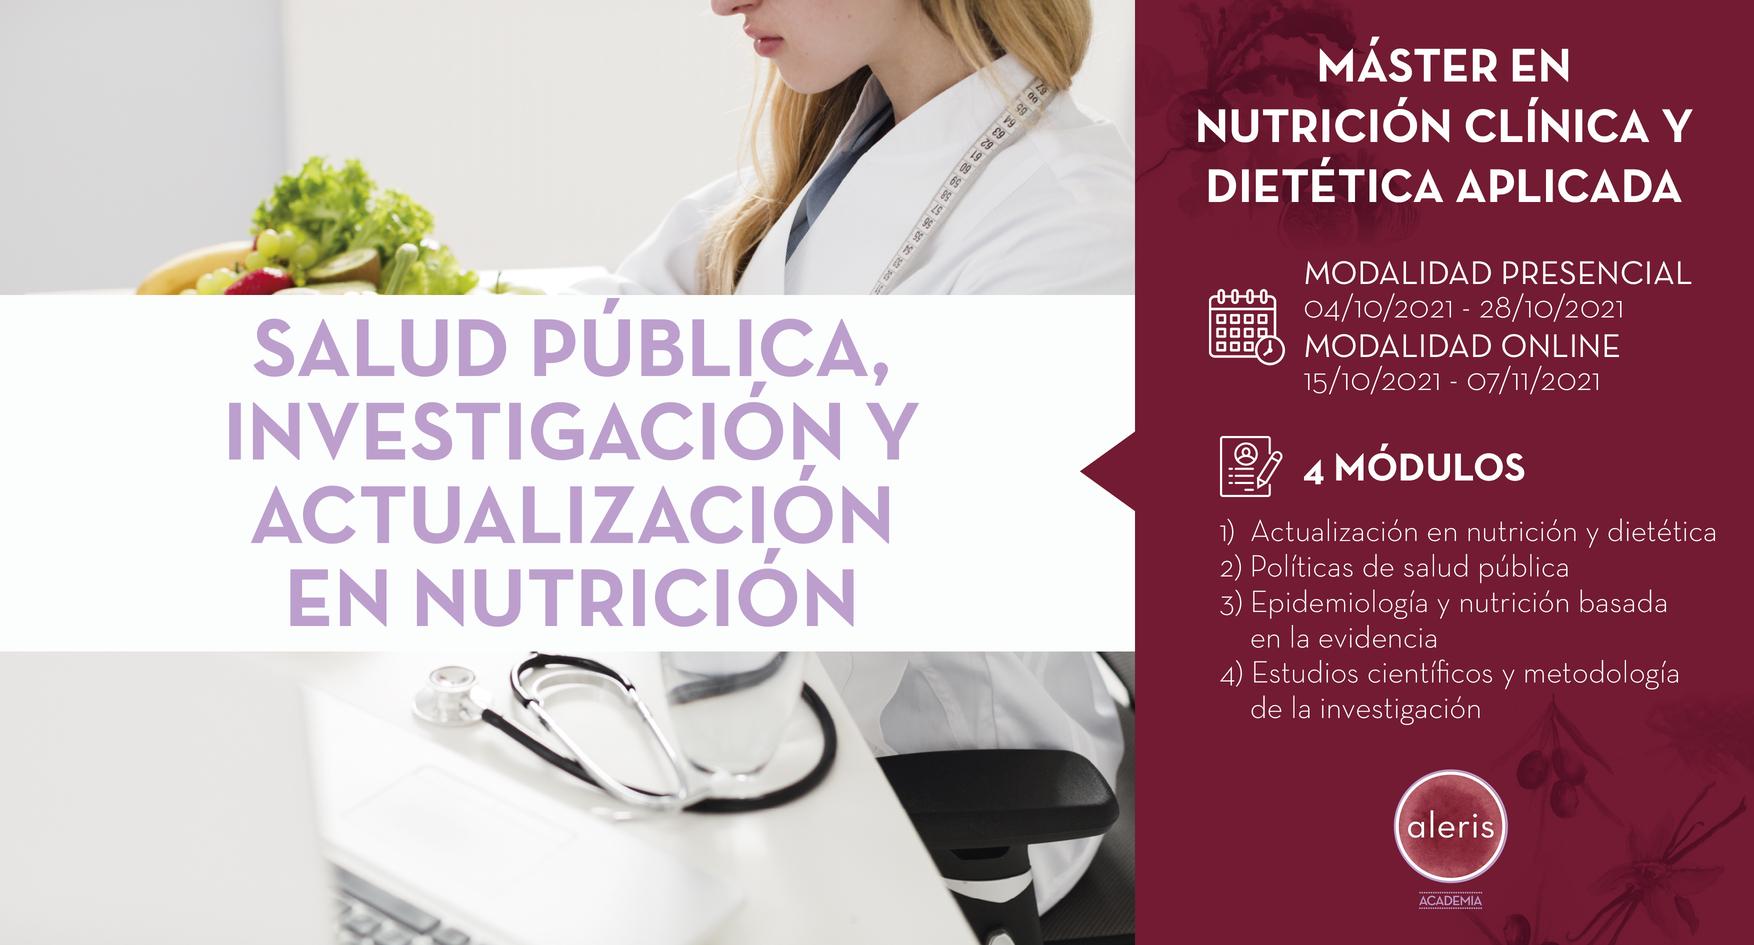 SALUD PÚBLICA, INVESTIGACIÓN Y ACTUALIZACIÓN EN NUTRICIÓN